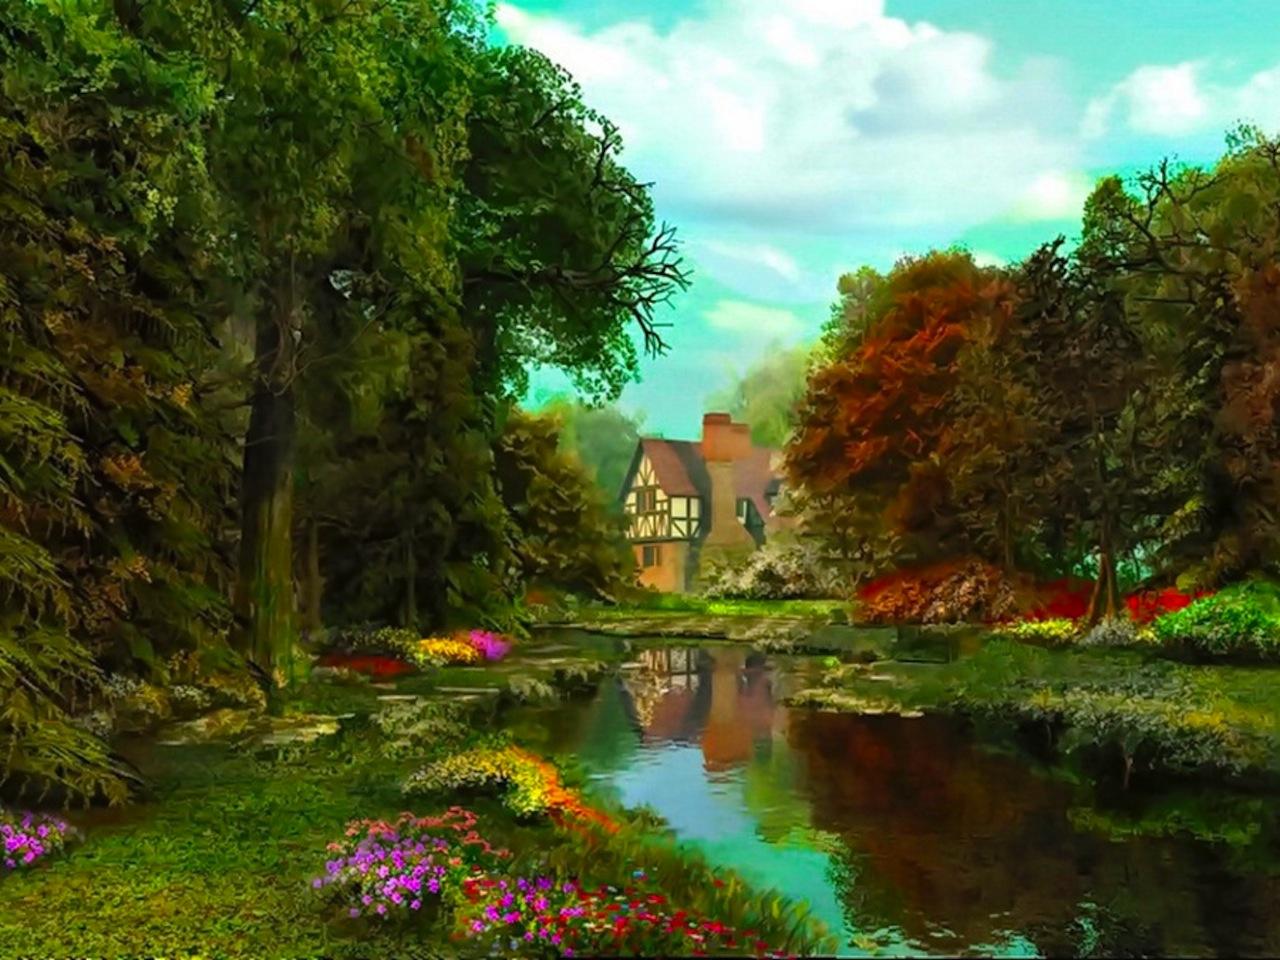 River Scene wallpaper   ForWallpapercom 1280x960